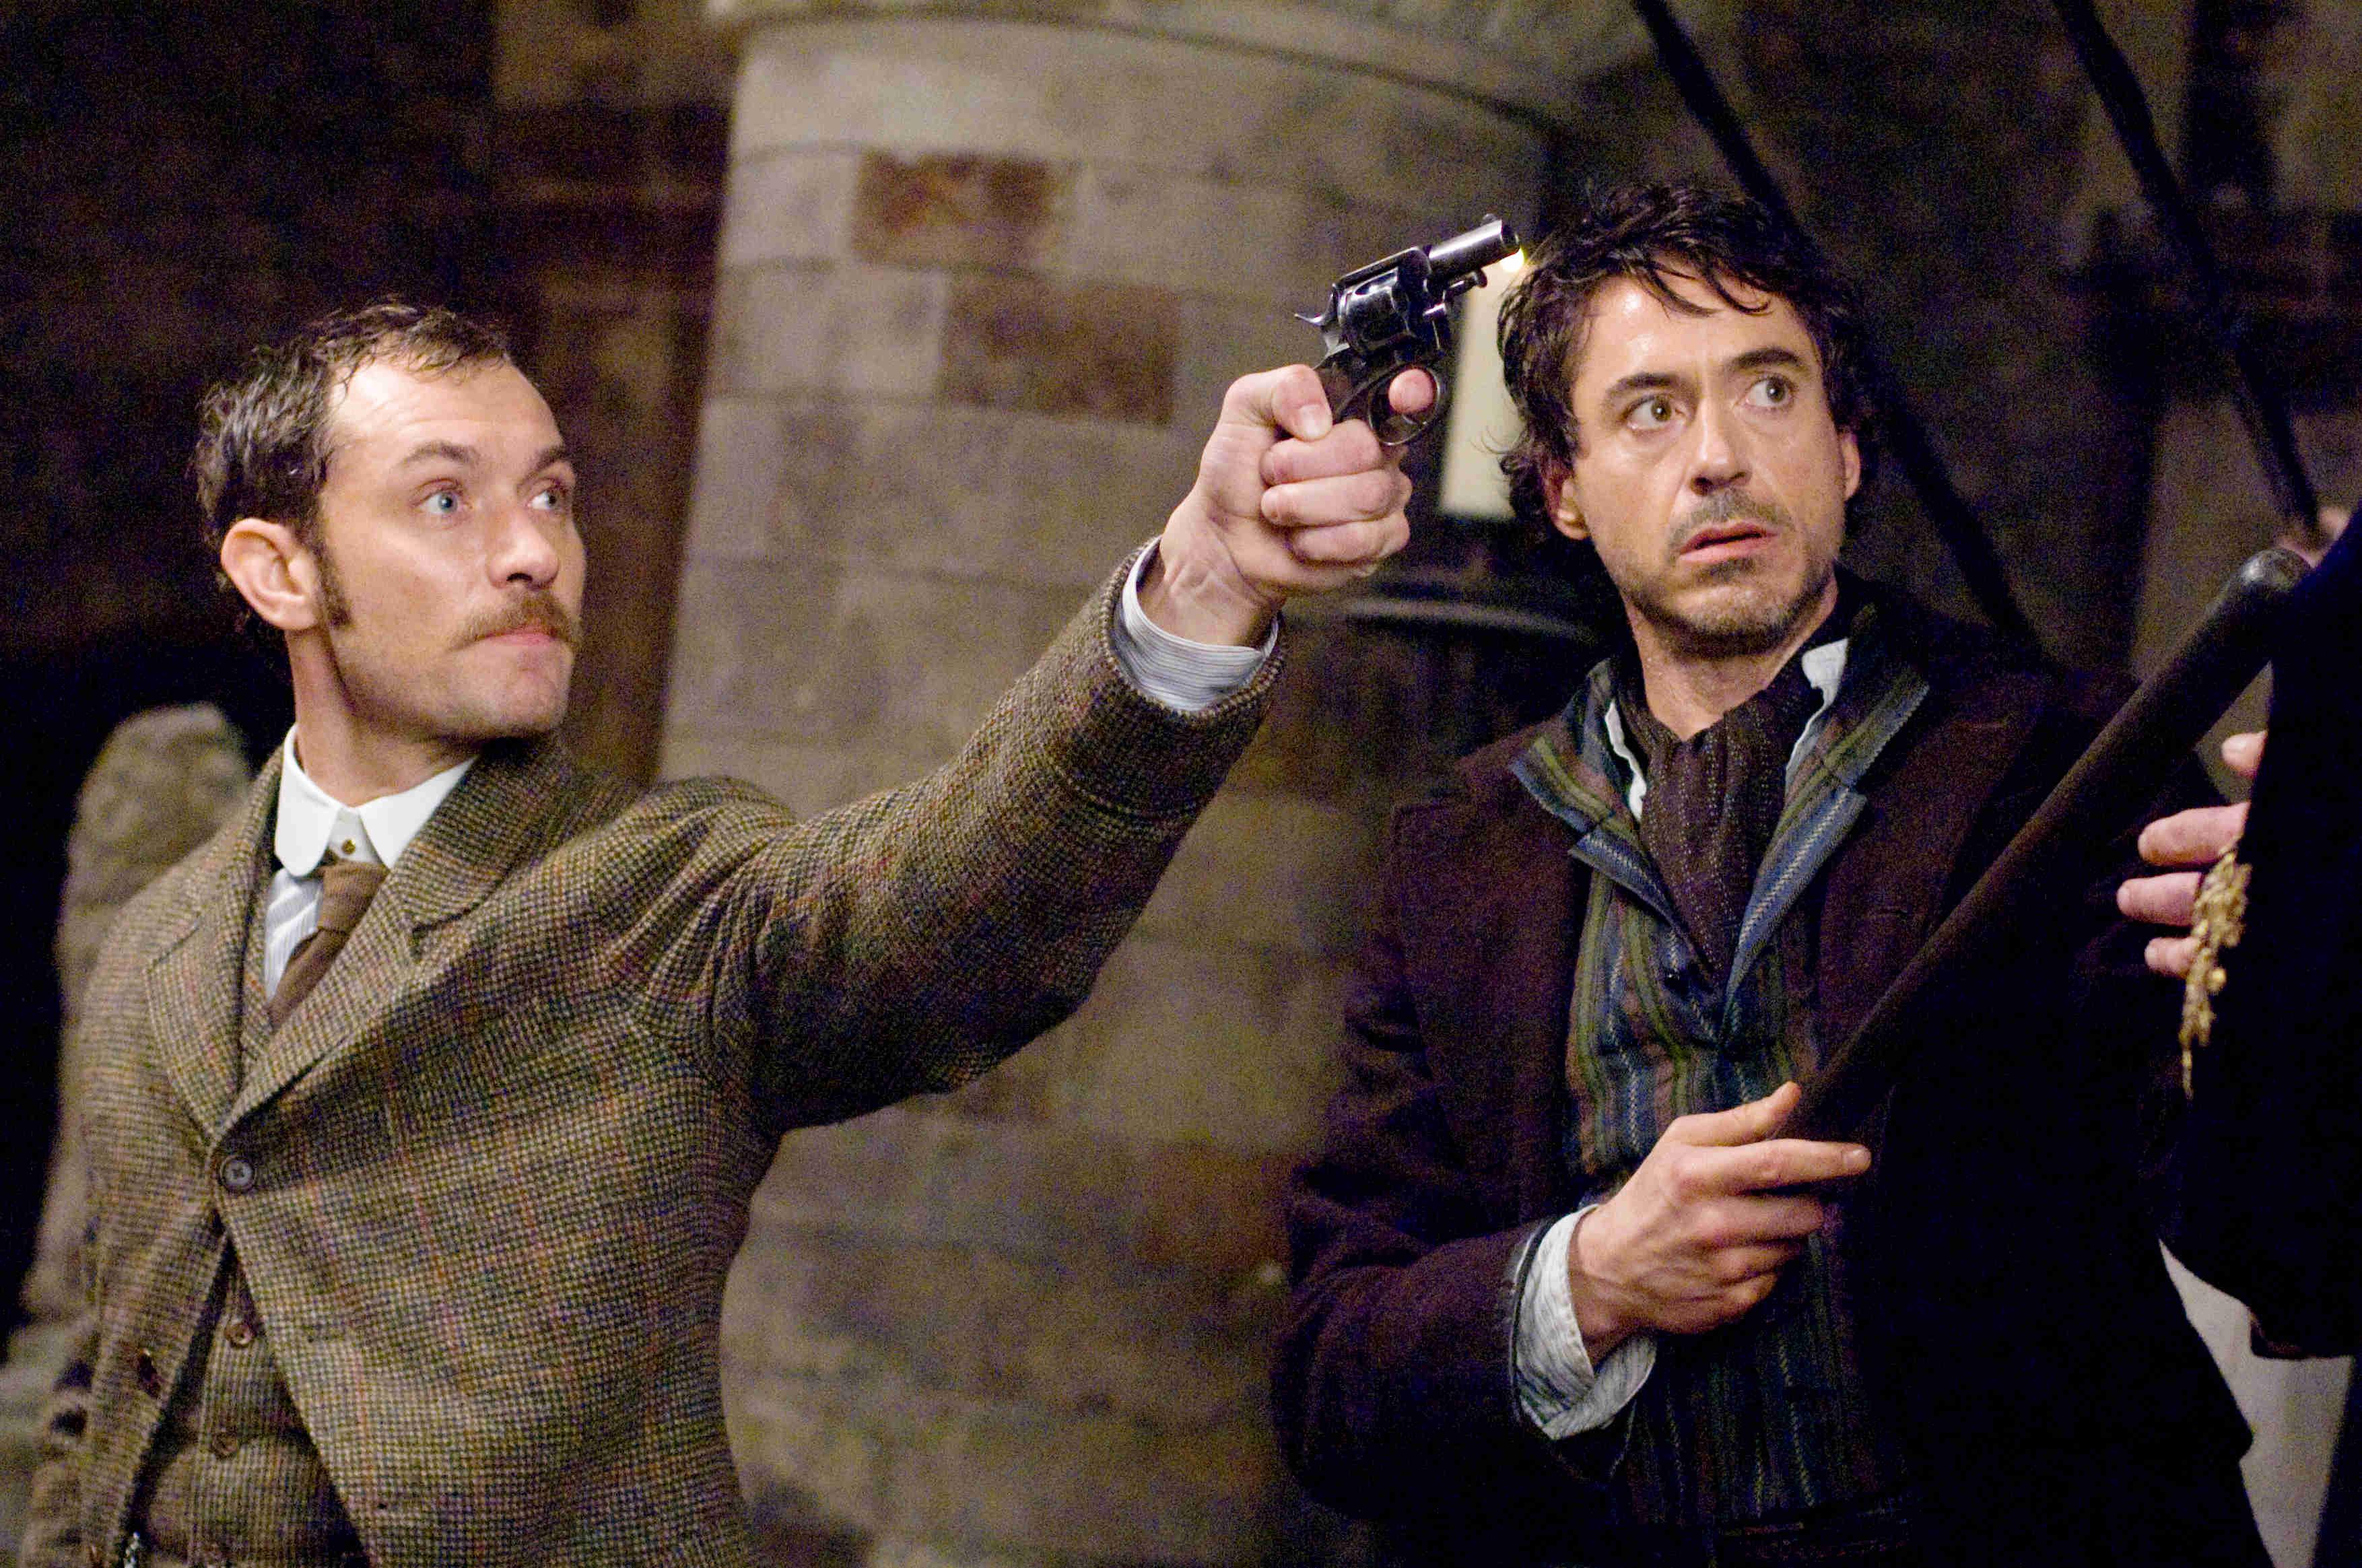 Dr Watson (Jude Law) and Sherlock Holmes (Robert Downey Jr) in Sherlock Holmes (2009)